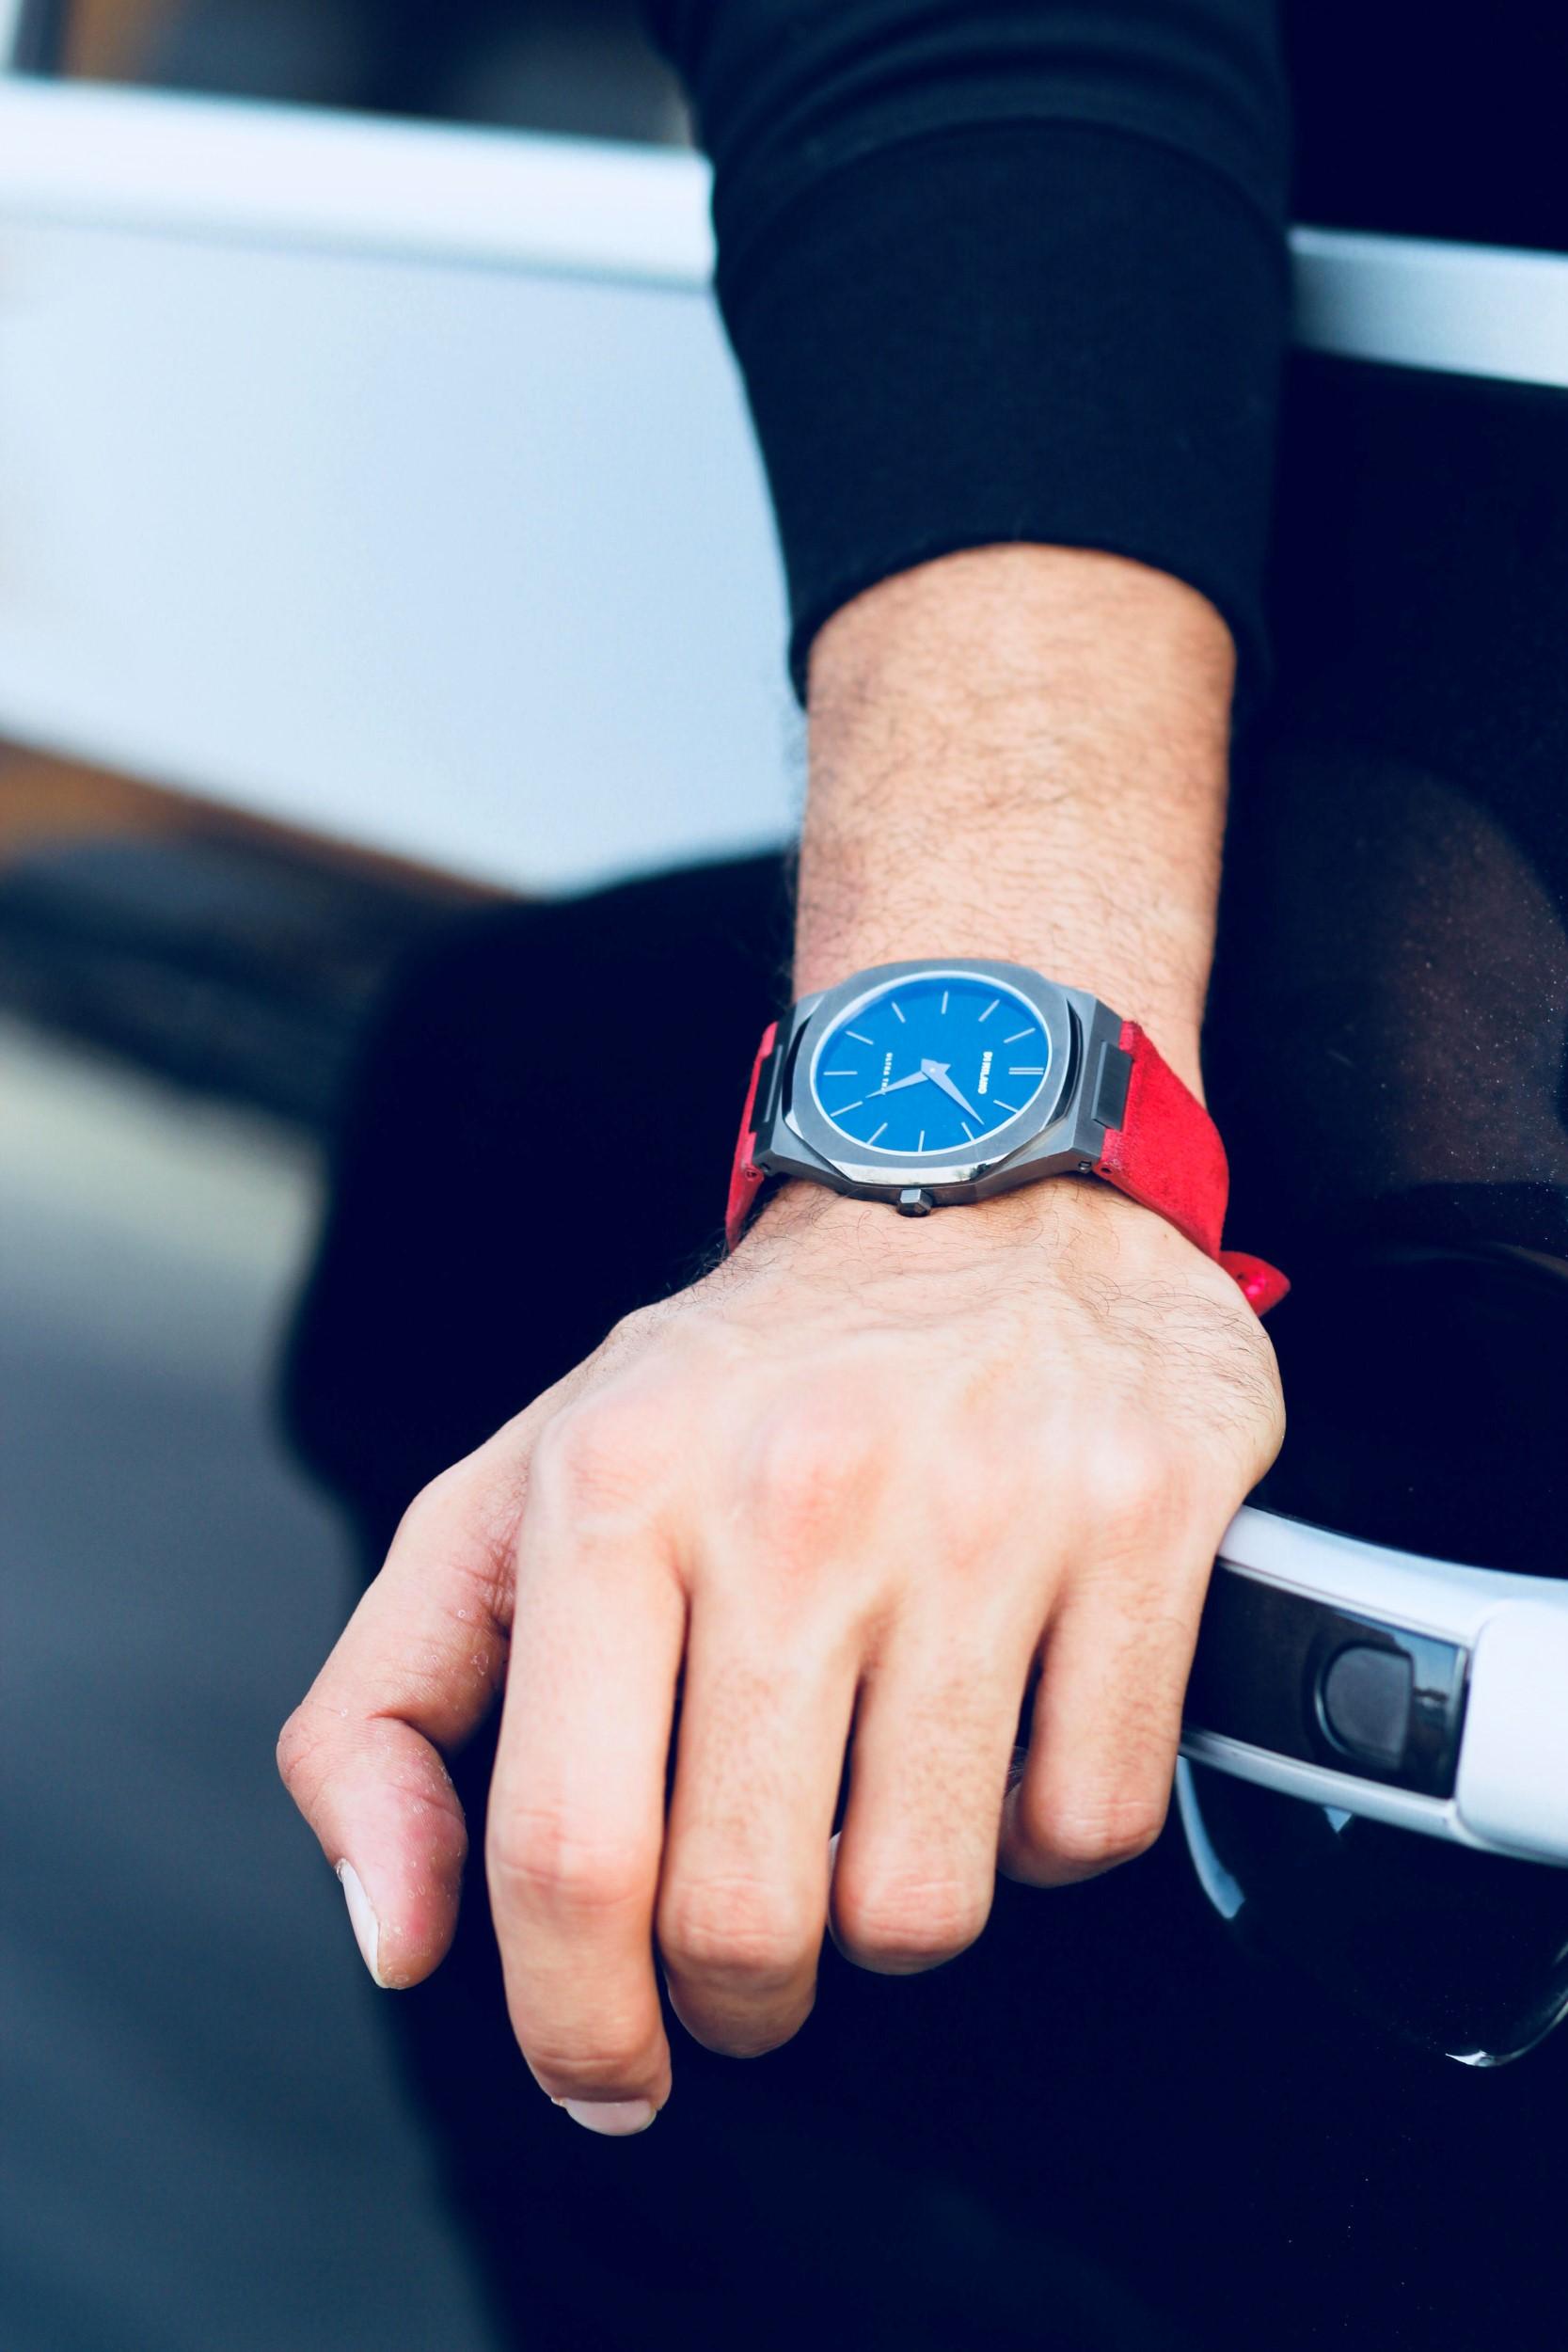 הערכת הזמן של מותג השעונים האיטלקי D1 MILANO